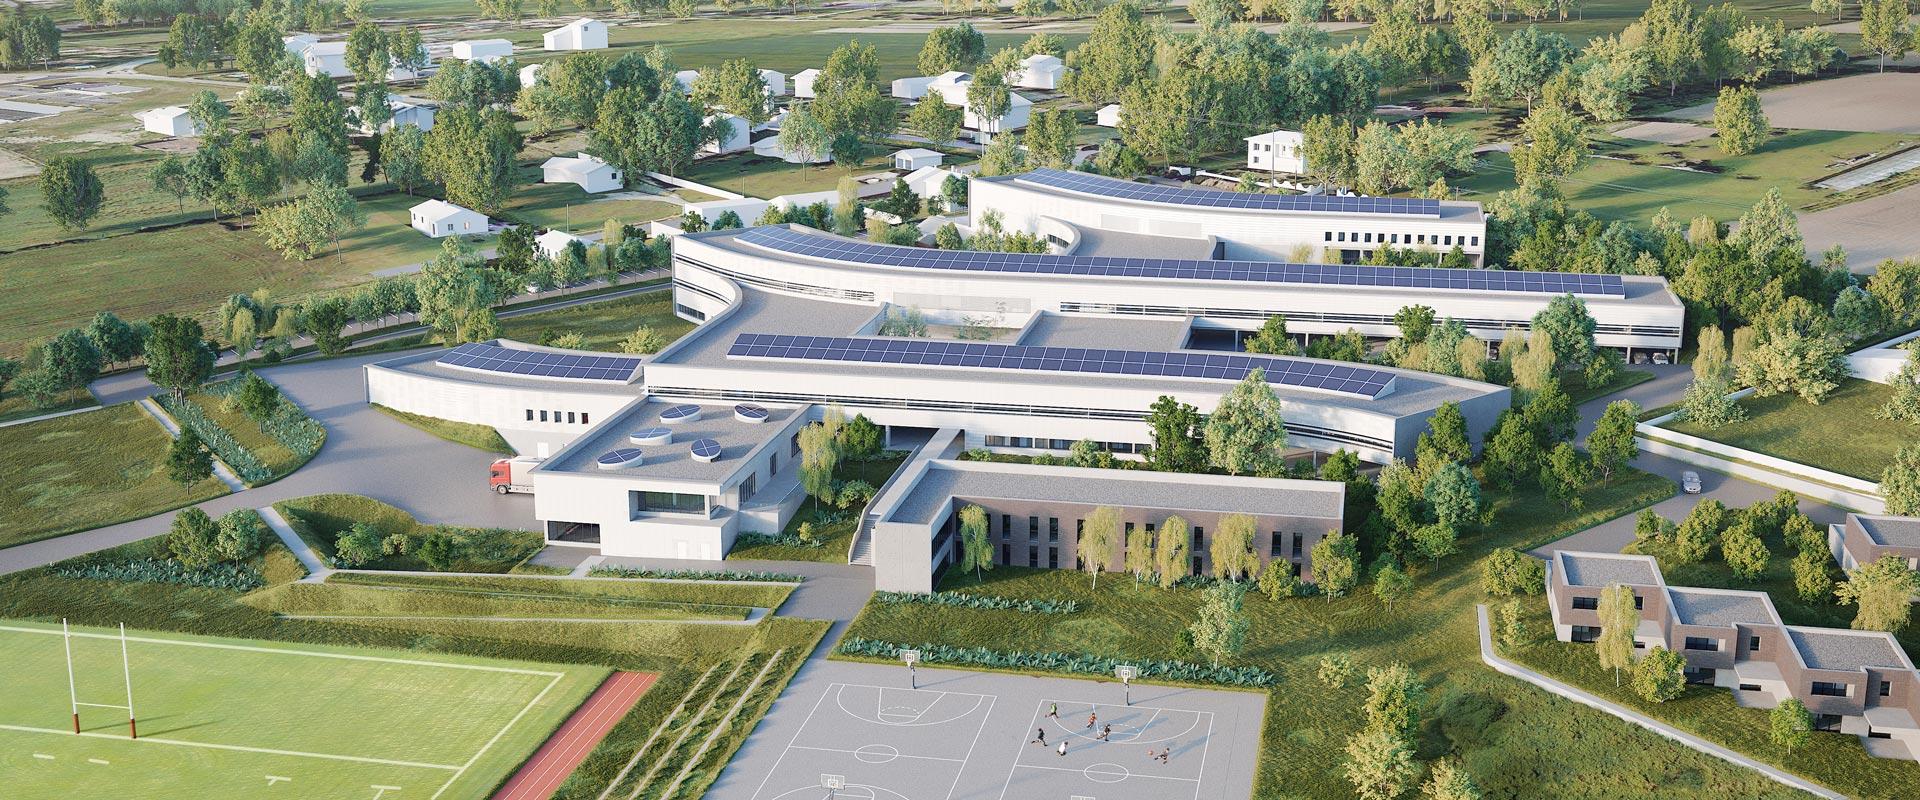 Lycée Gragnague infographie 3D architecture